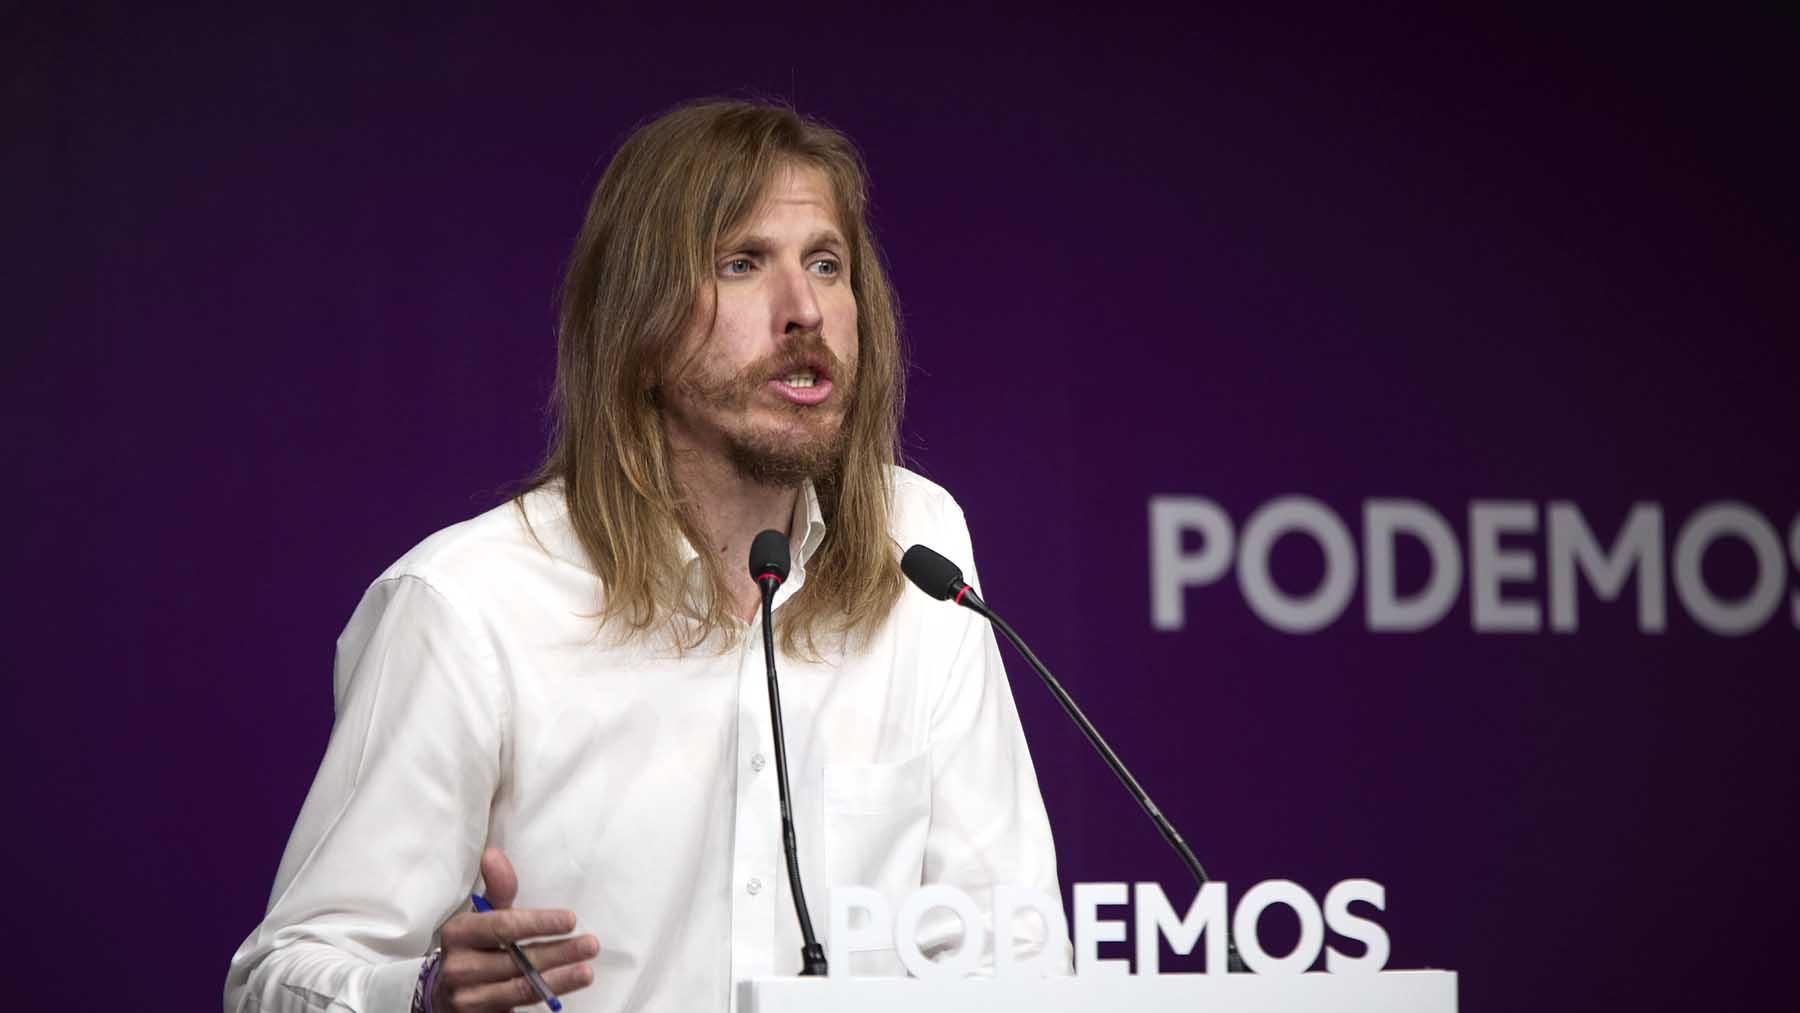 El portavoz de Podemos, Pablo Fernández. Foto: Europa Press.